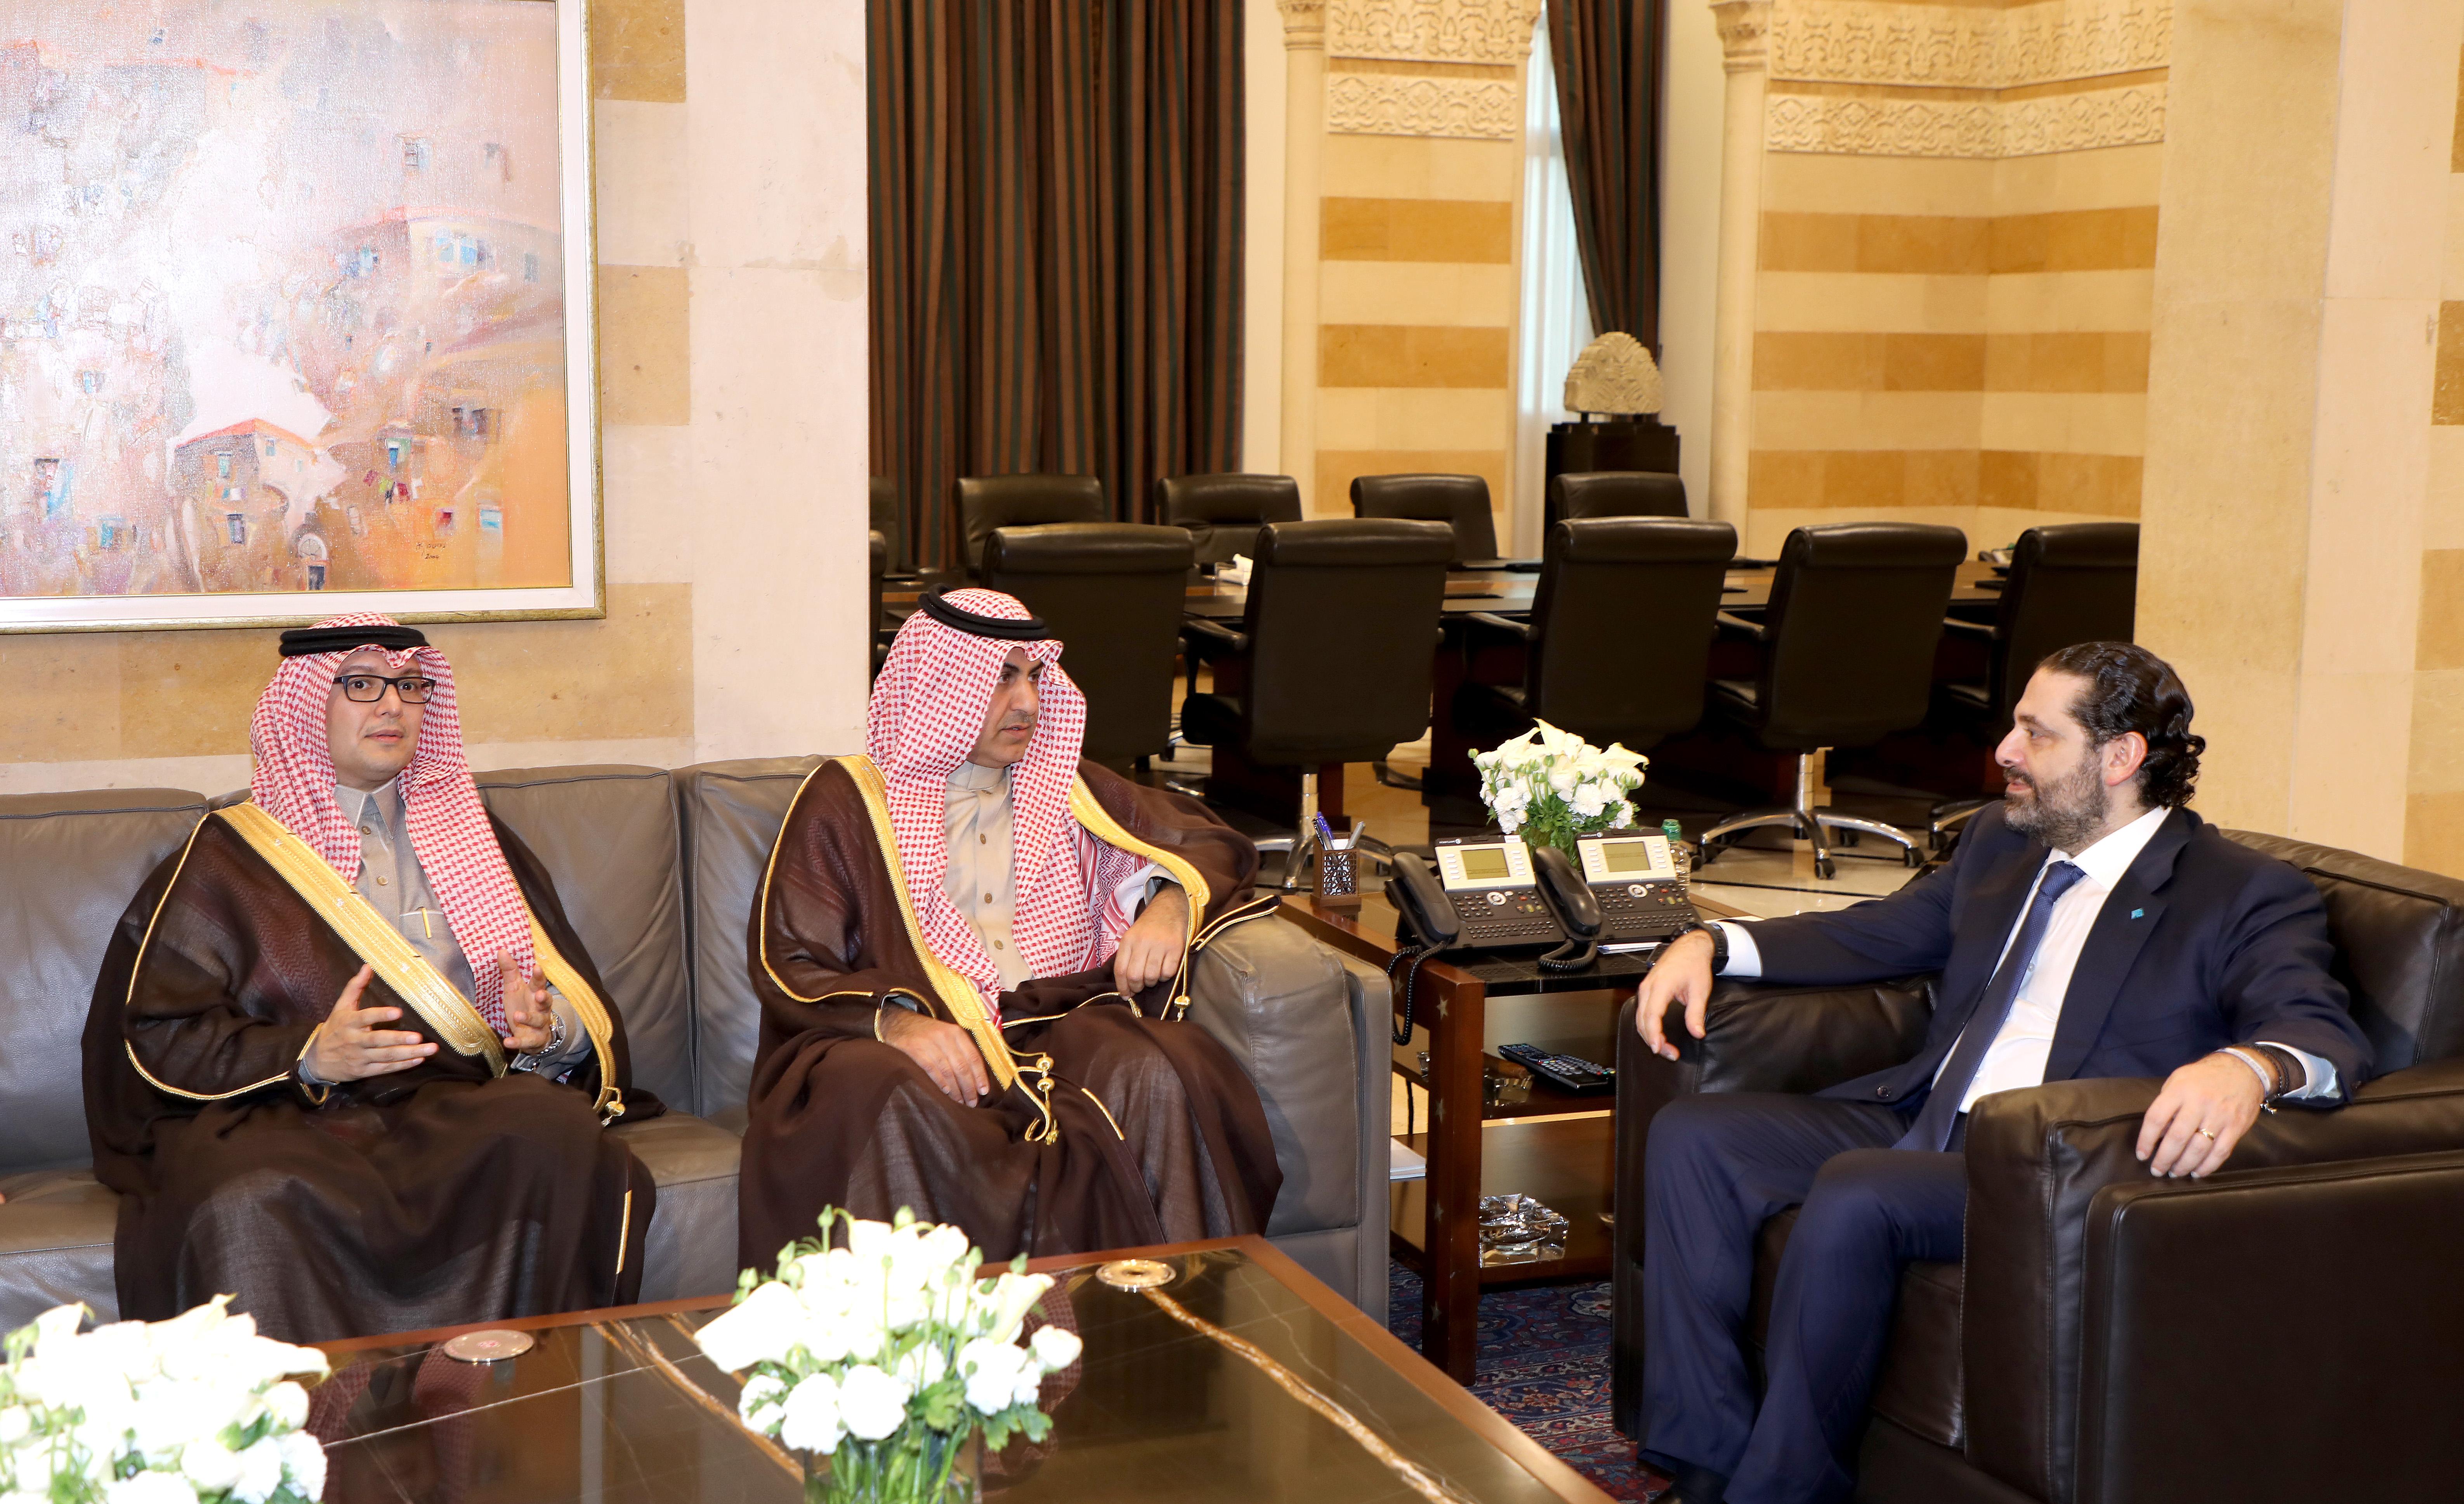 Pr Minister Saad Hariri meets Saudi Minister Nizar el Aloula 1